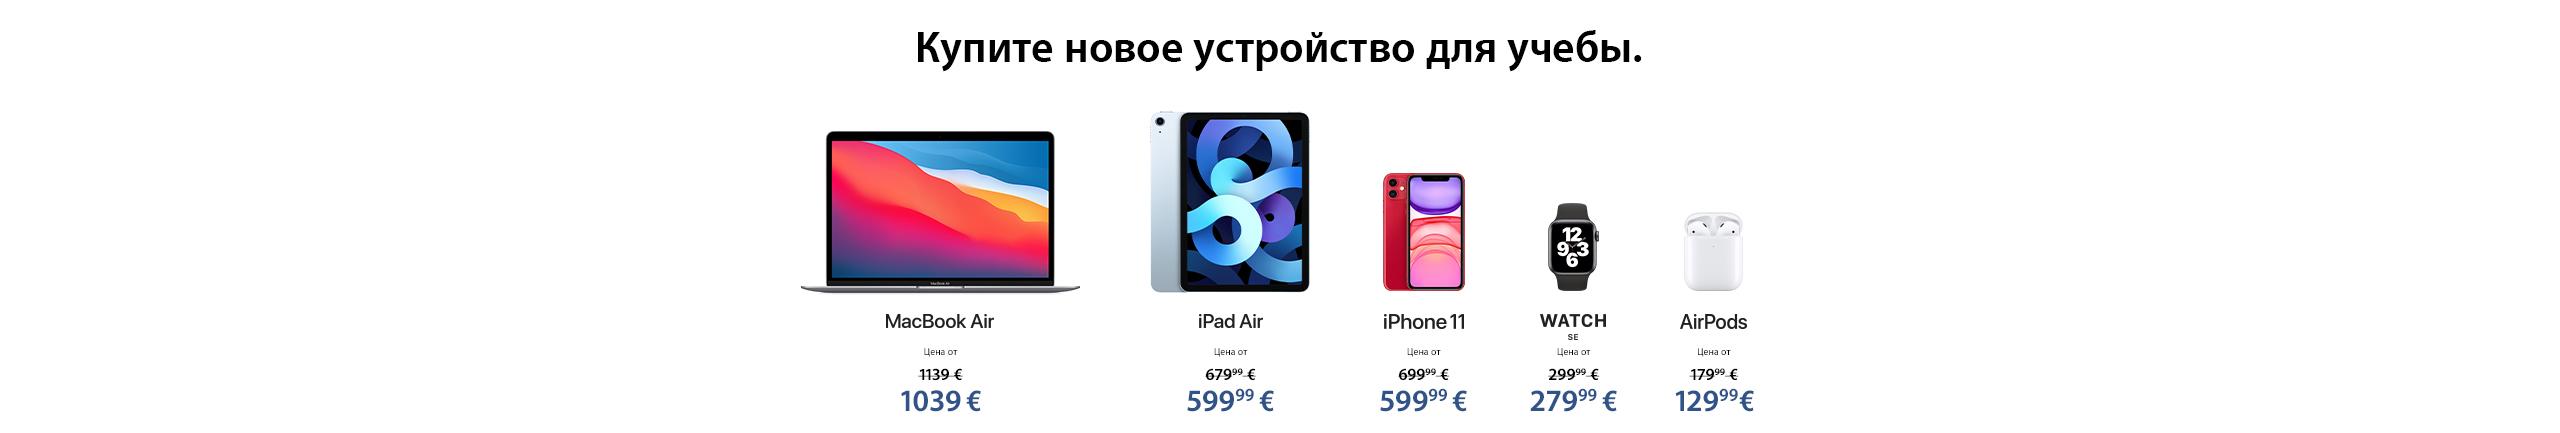 FPS Cпециальное предлощение Apple. Купите новое устройство для учебы.